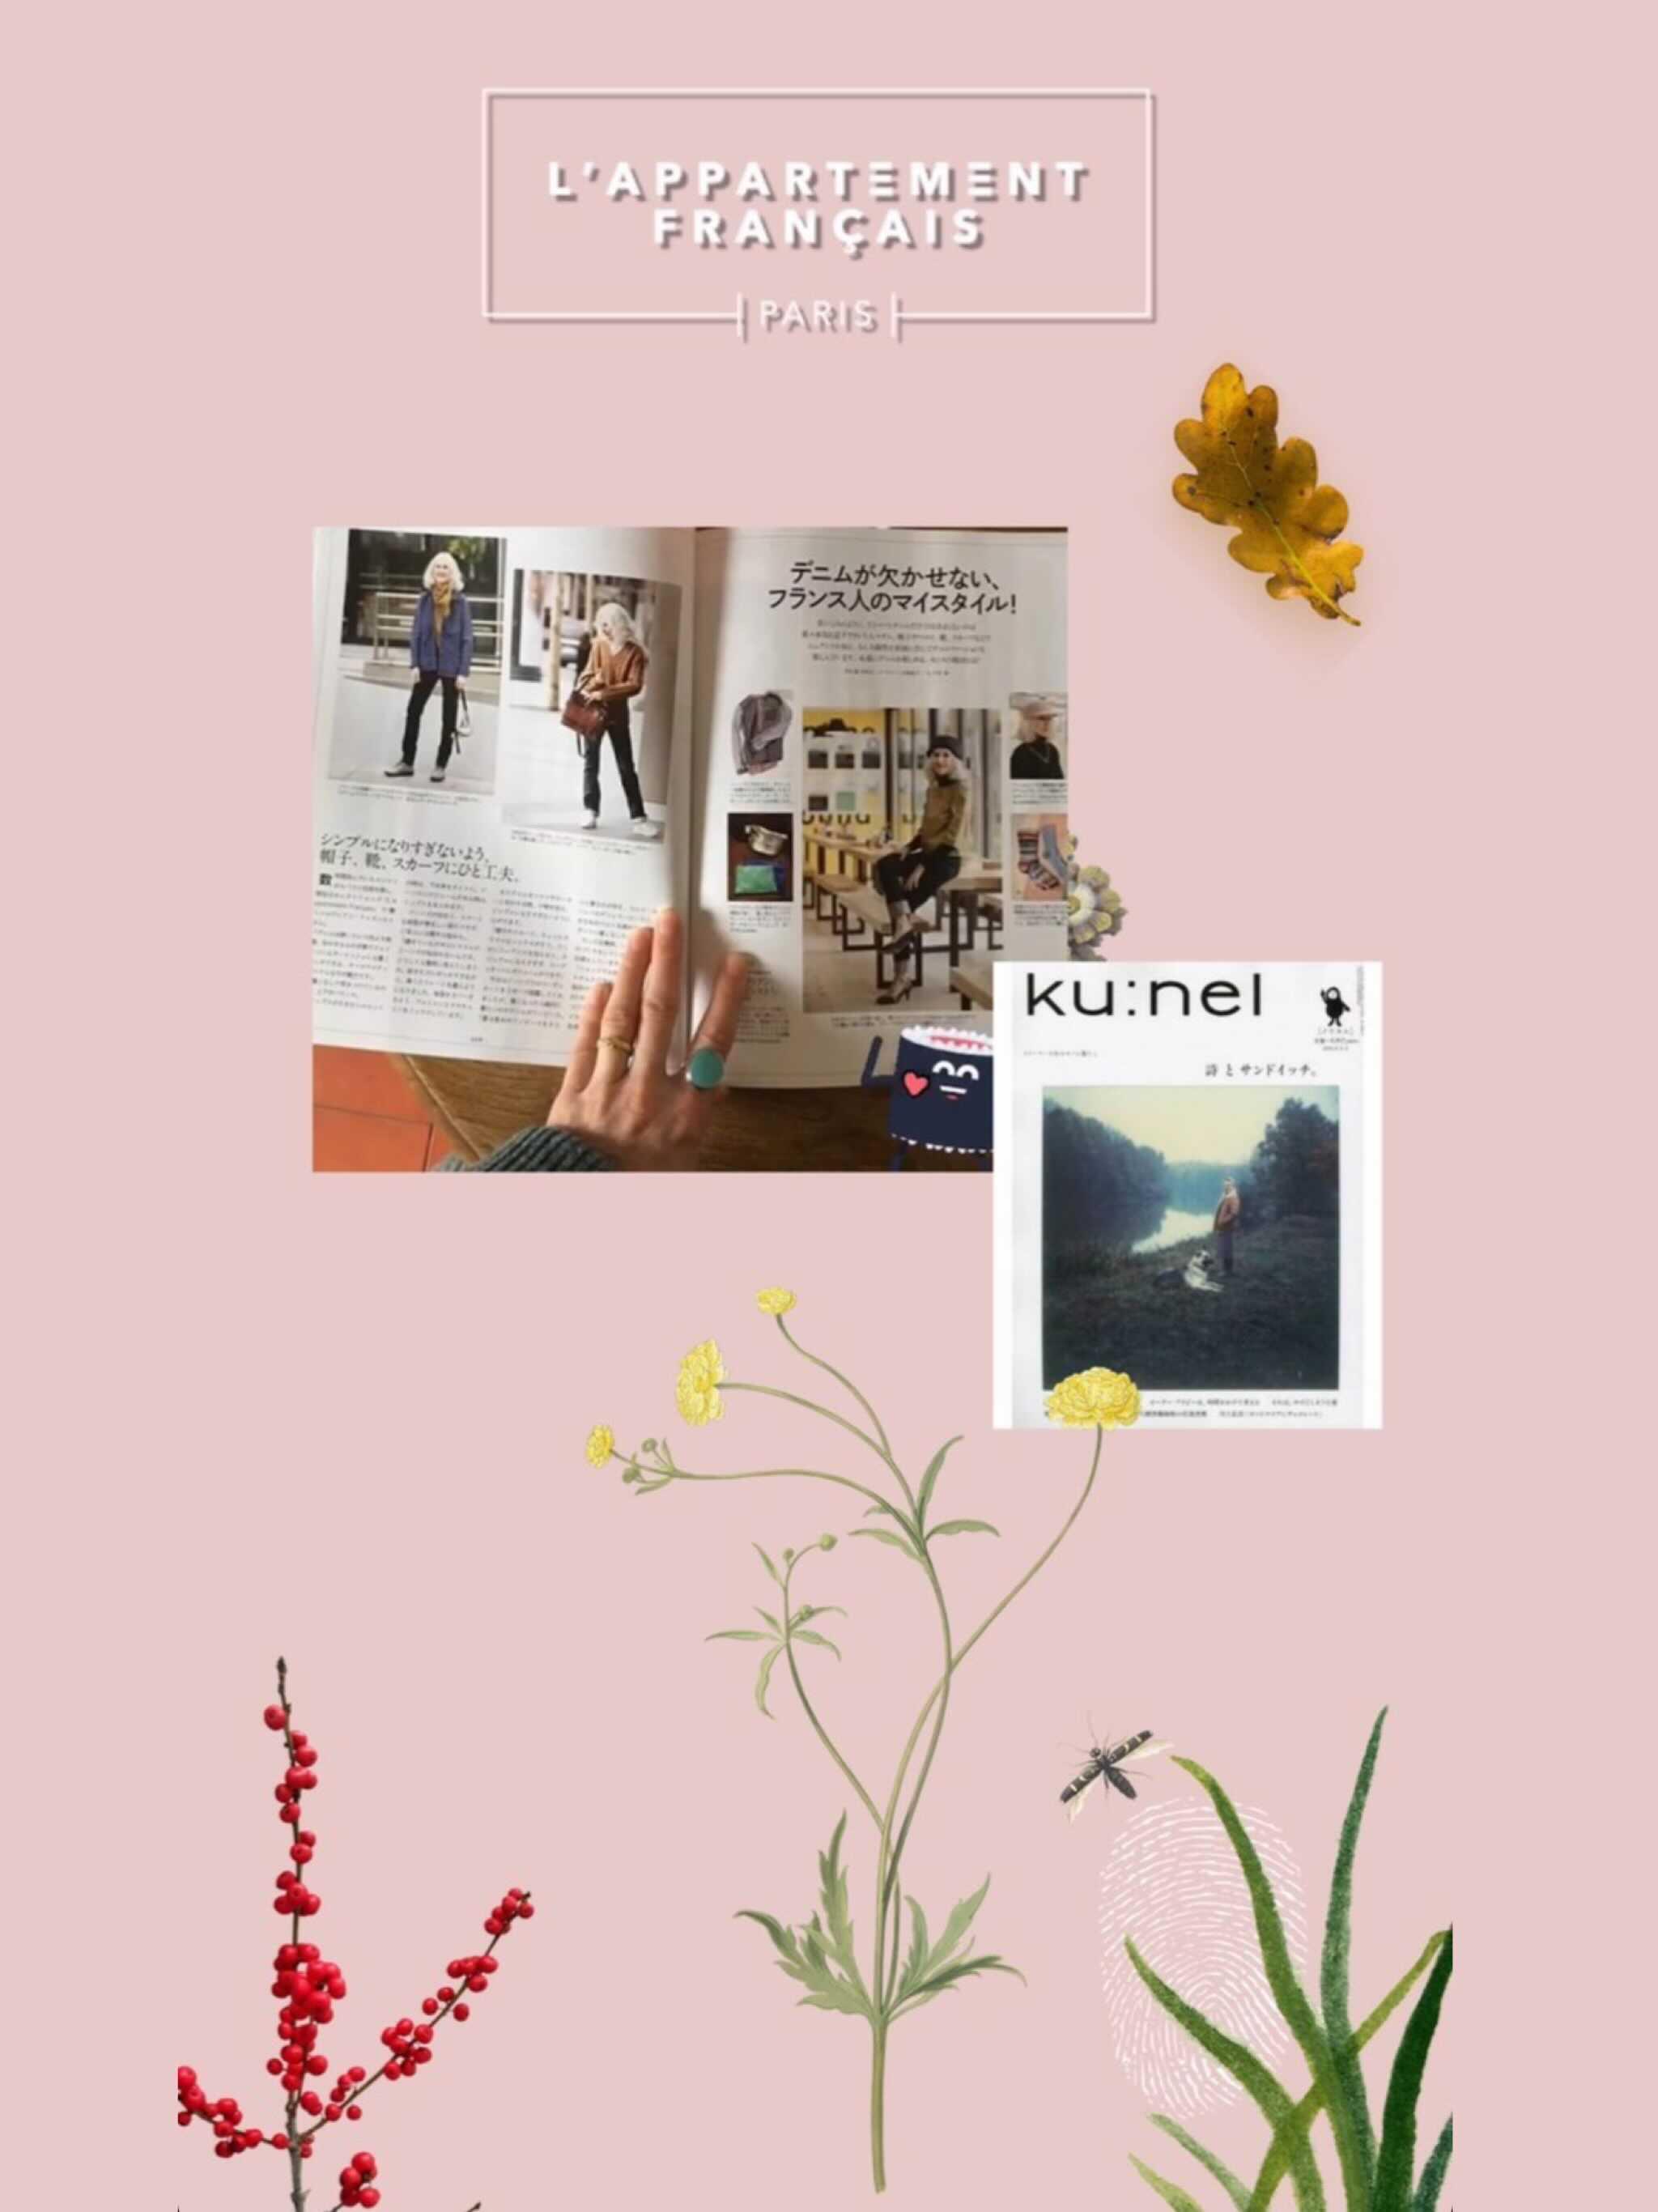 L'appartement Français dans le  magazine japonais Kunel